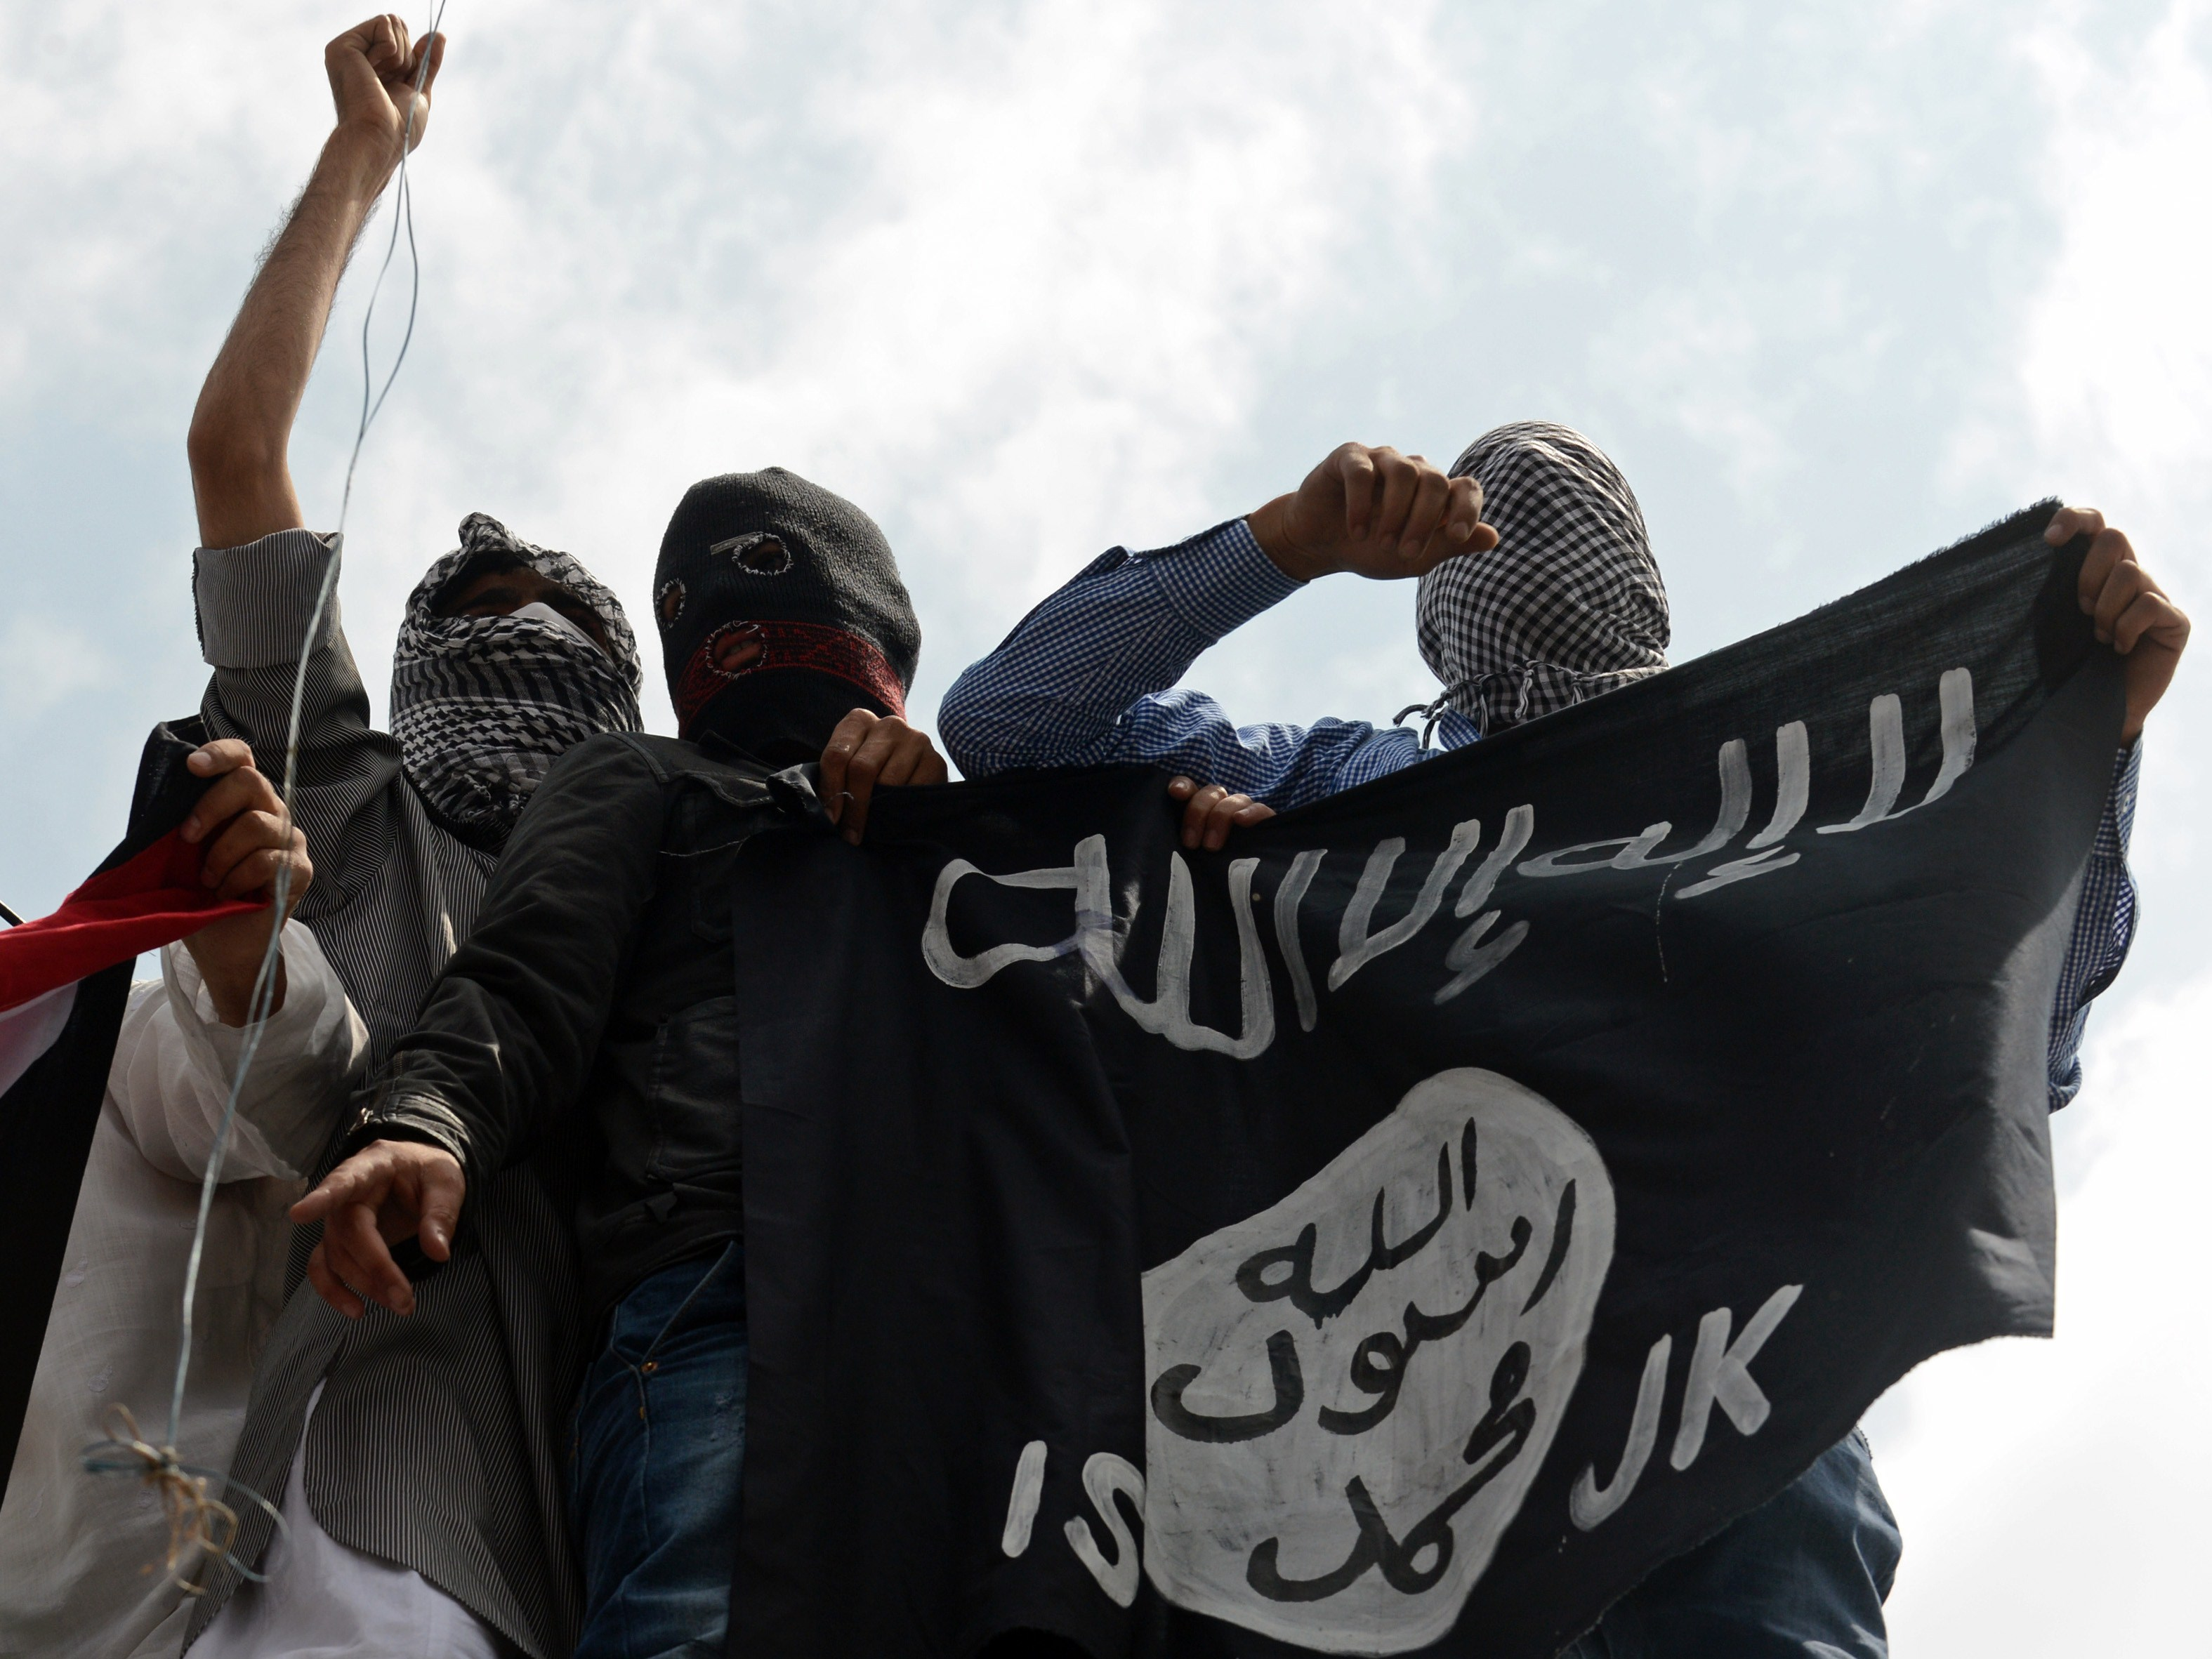 Silvester-Anschläge geplant: Türkische Polizei verhaftet Terrorverdächtige in Ankara